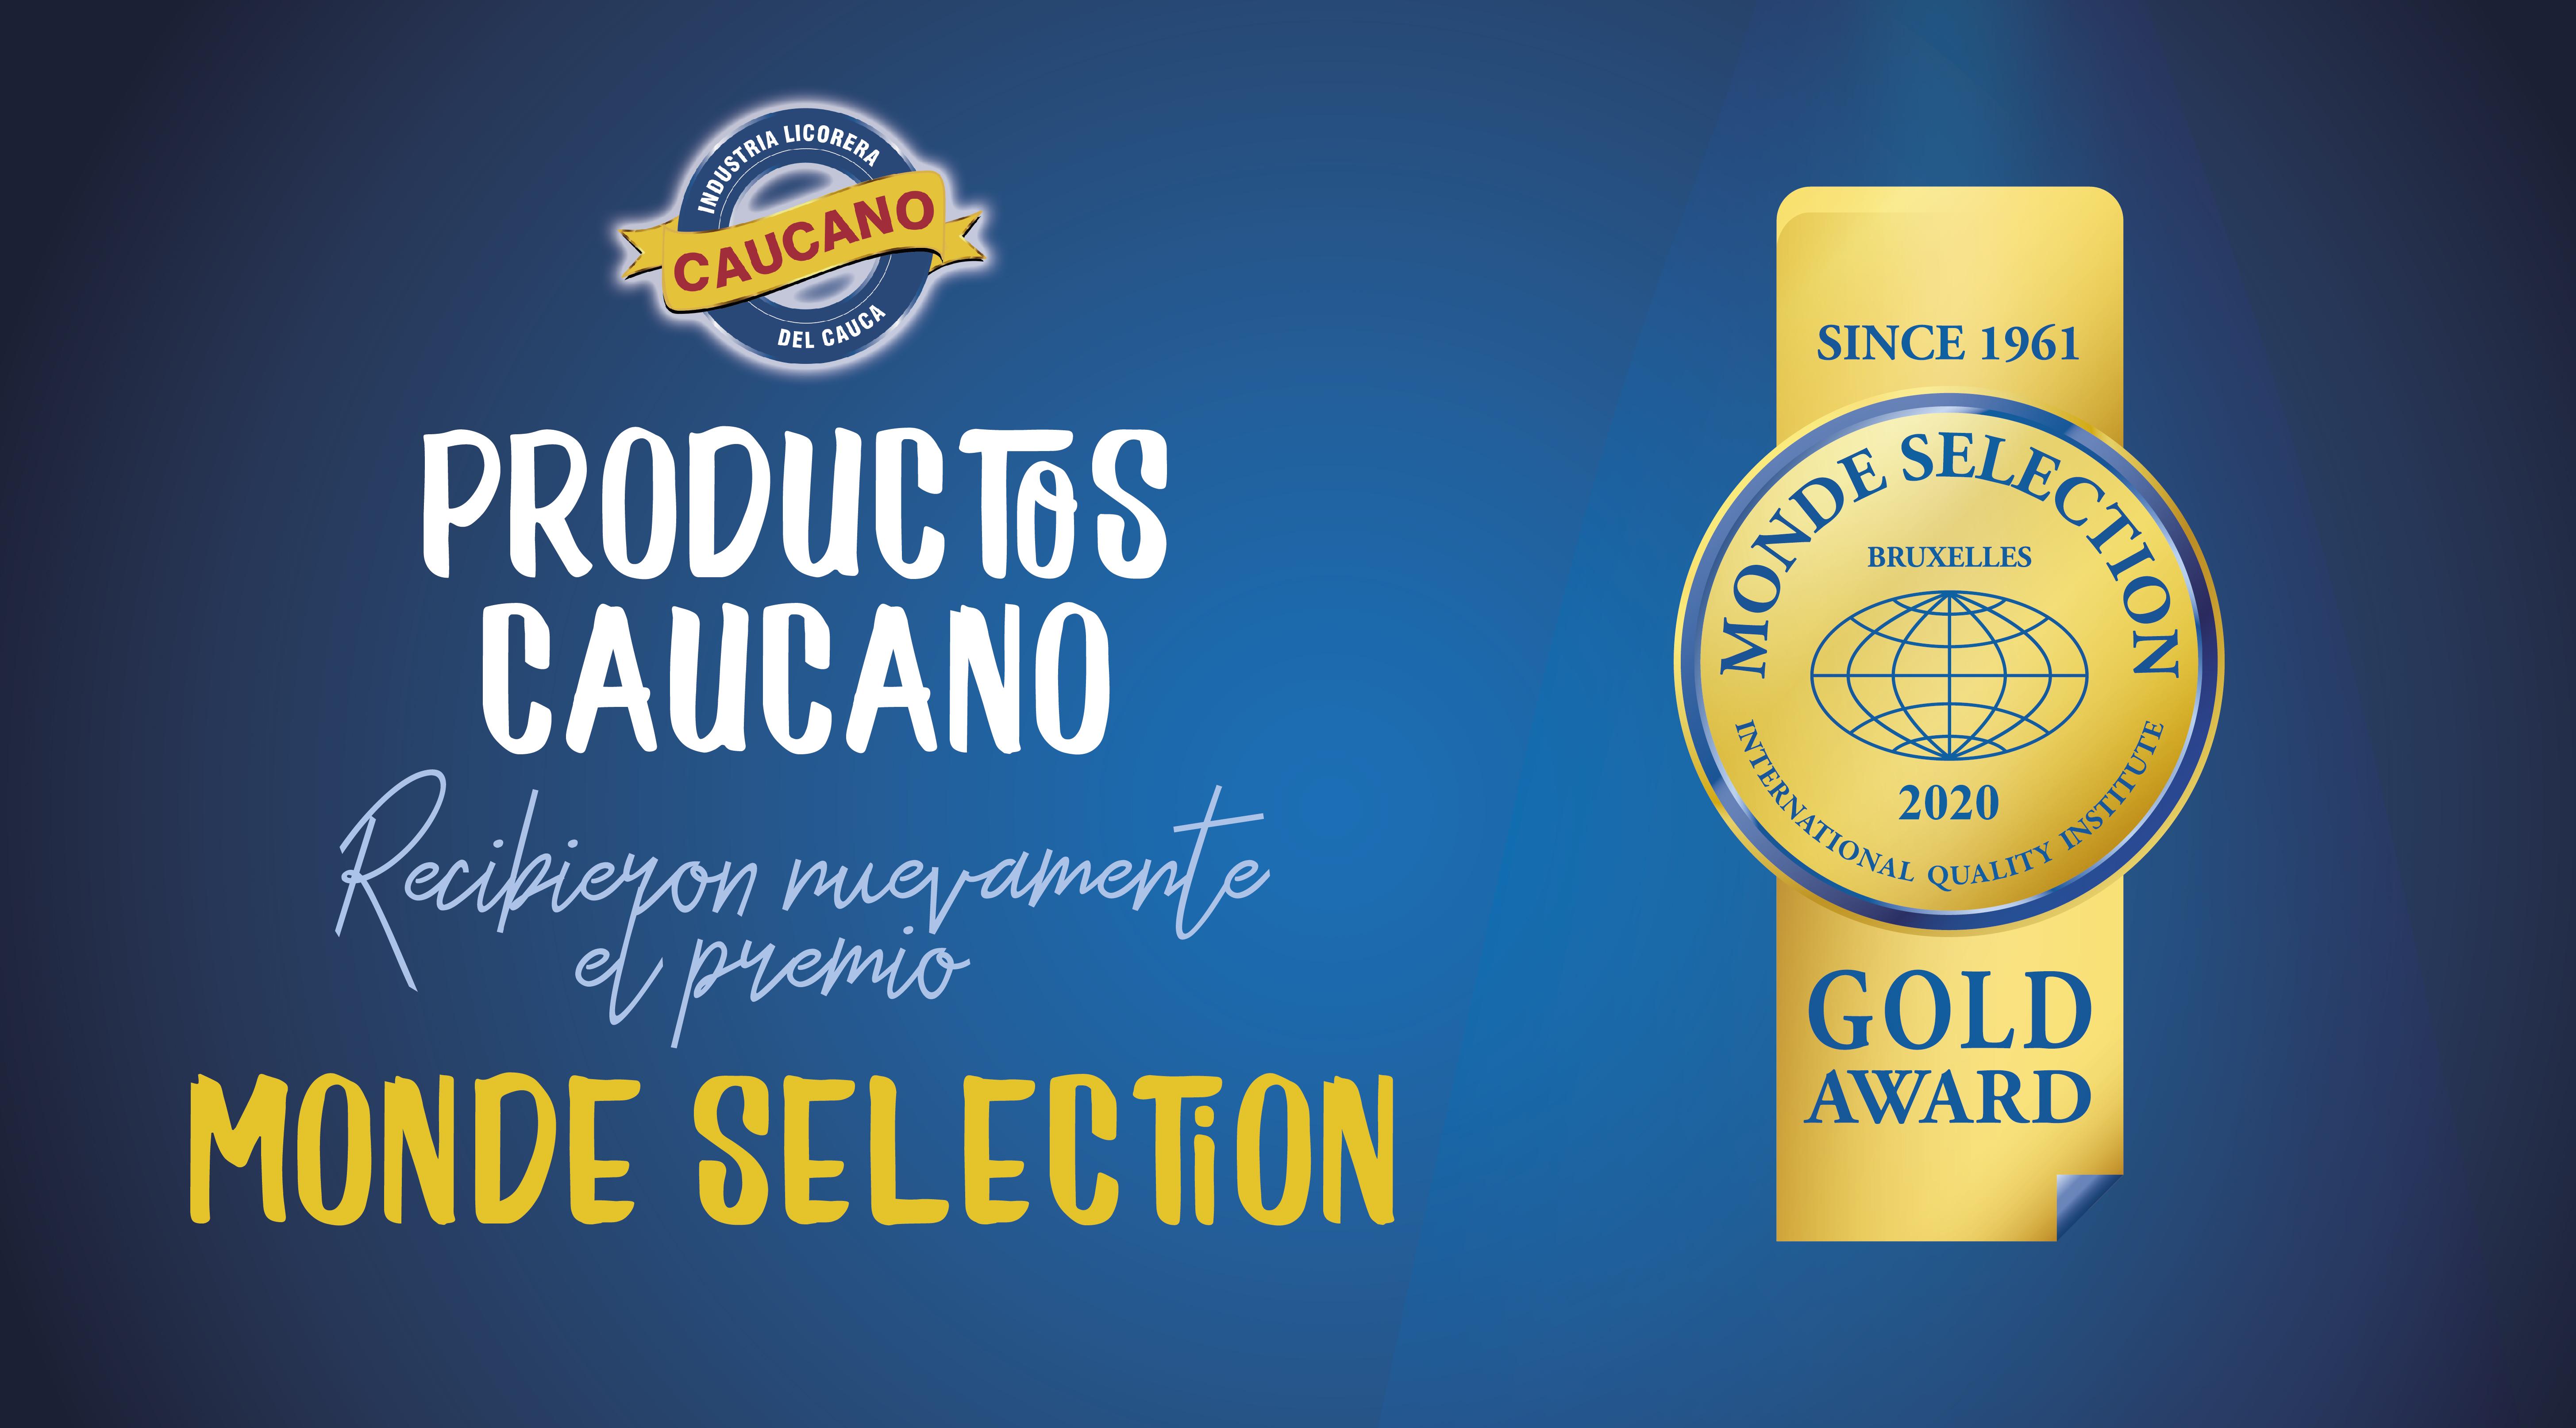 Nuestros productos son oro en el Monde Selection 2020